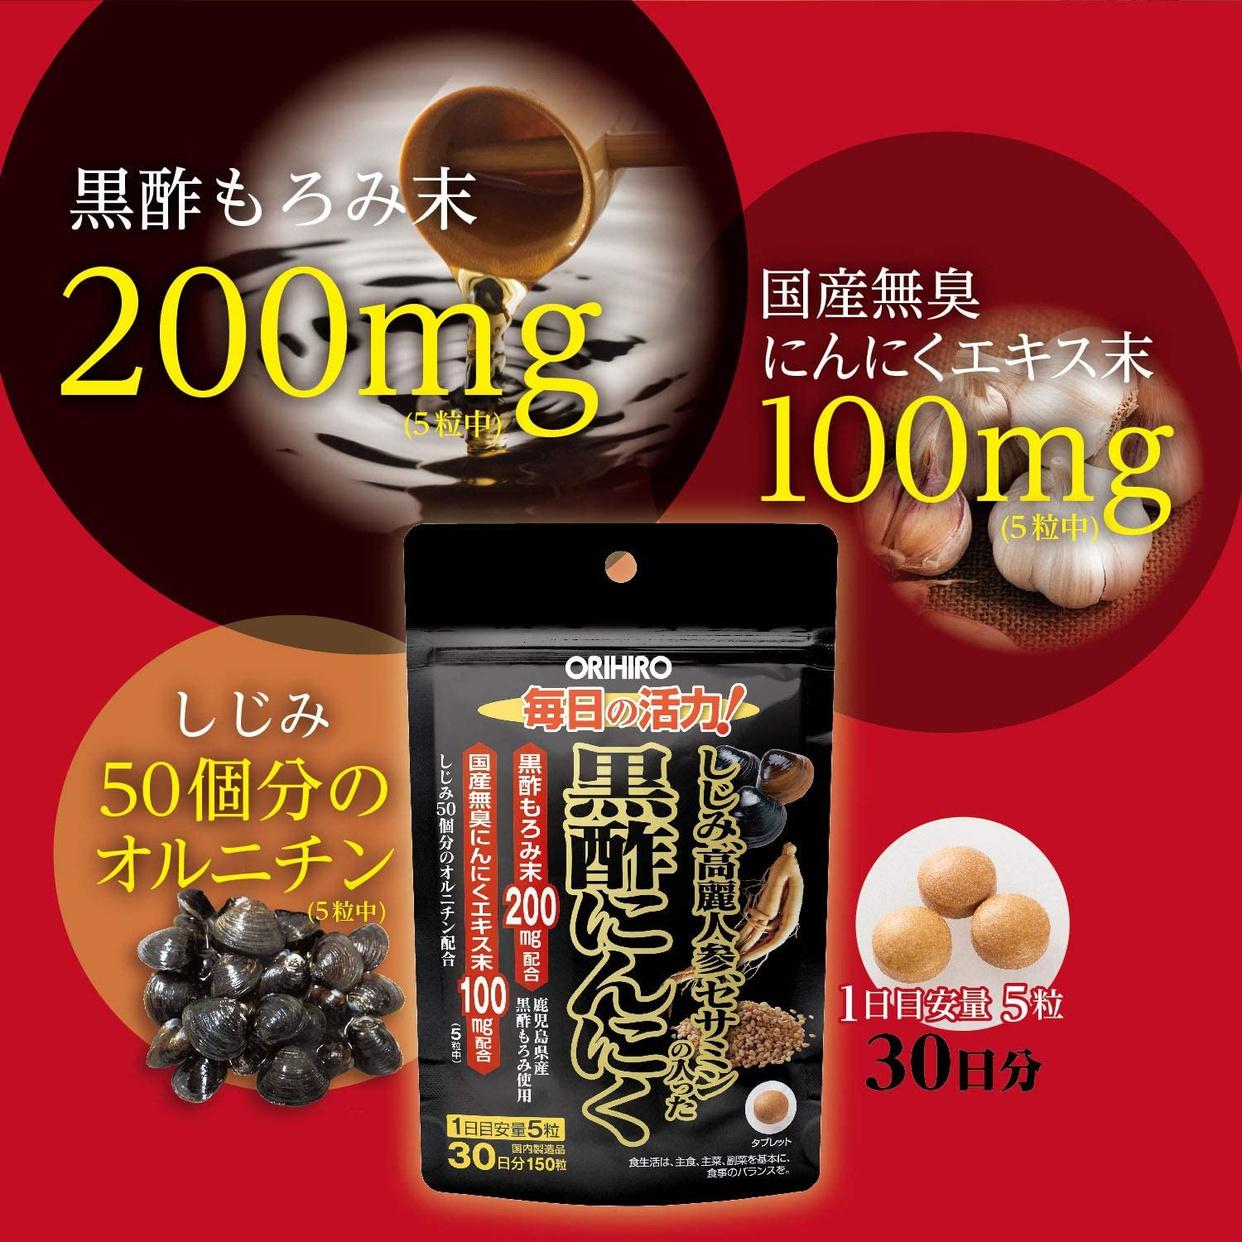 ORIHIRO(オリヒロ) しじみ高麗人参セサミンの入った黒酢にんにくの商品画像5